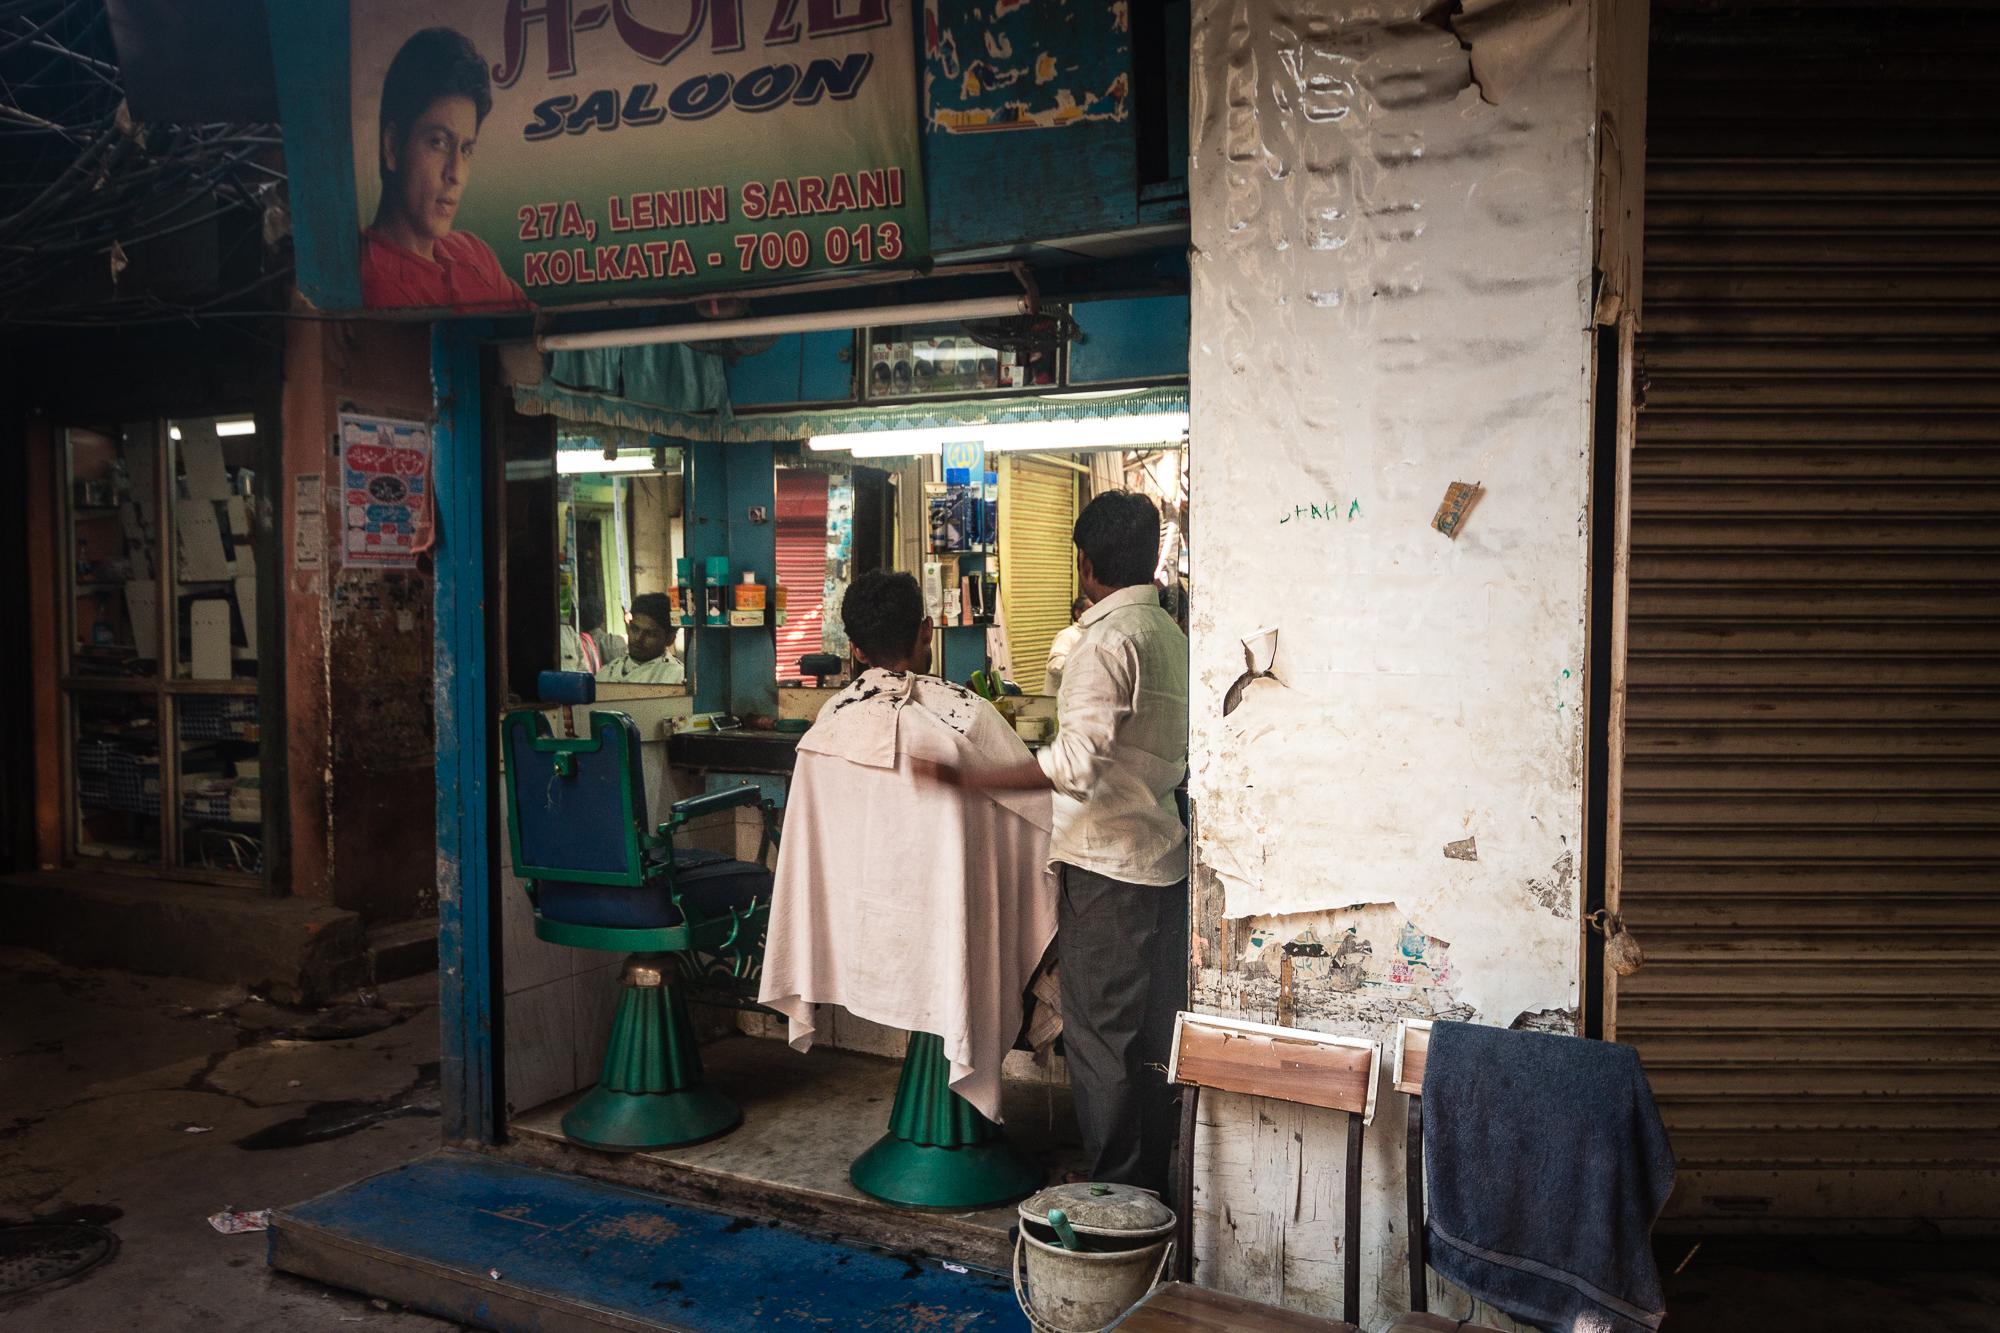 salon de coiffure calcutta